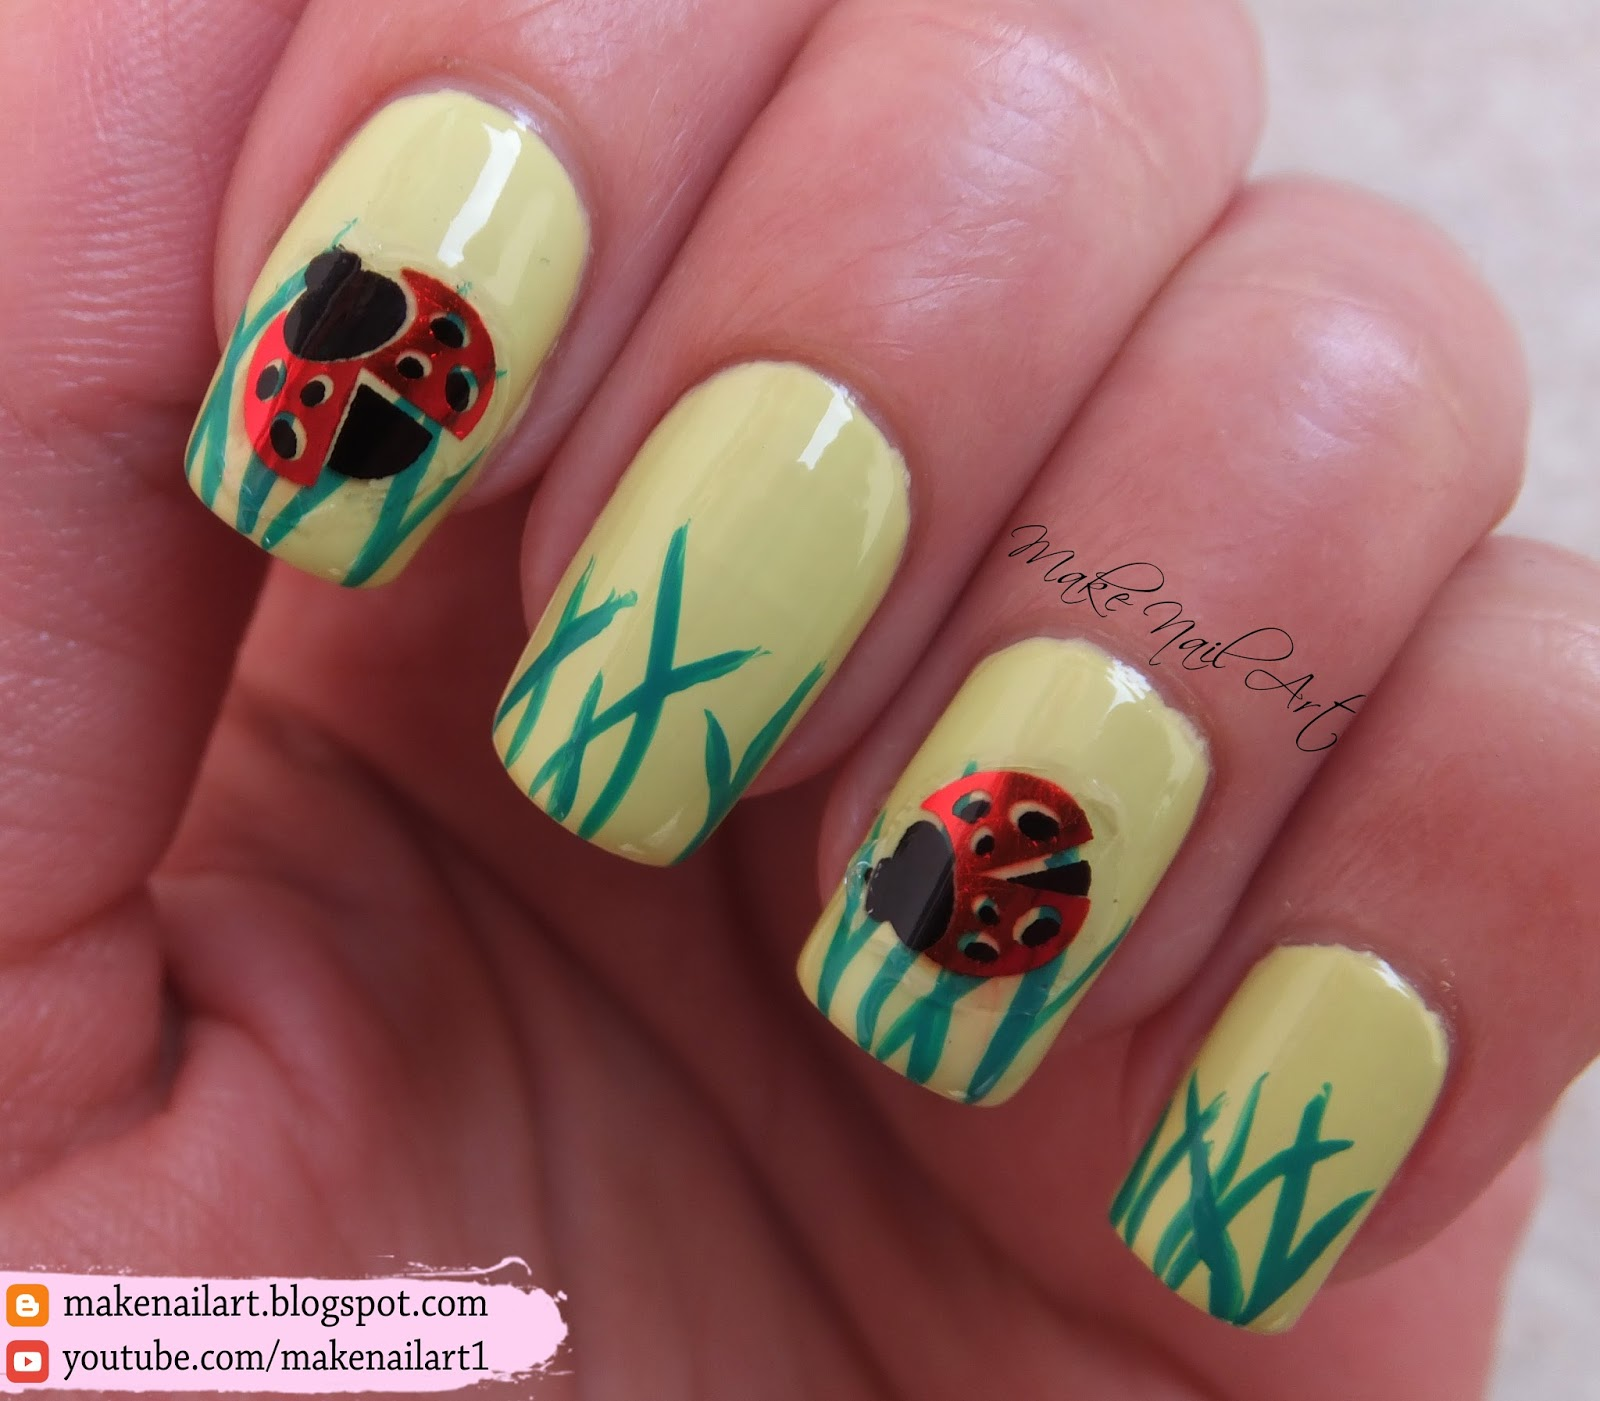 Make Nail Art Spring Ladybug Nail Art Design Tutorial Shemodern